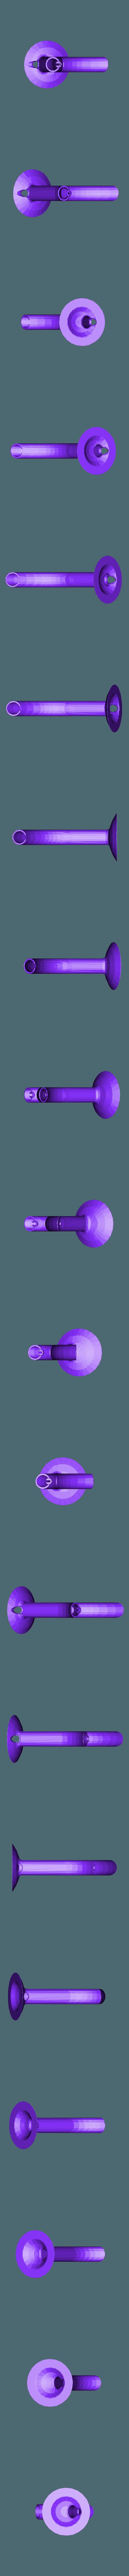 mini-street-lamp.stl Download free STL file Mini street lamp • 3D print template, Glutnard